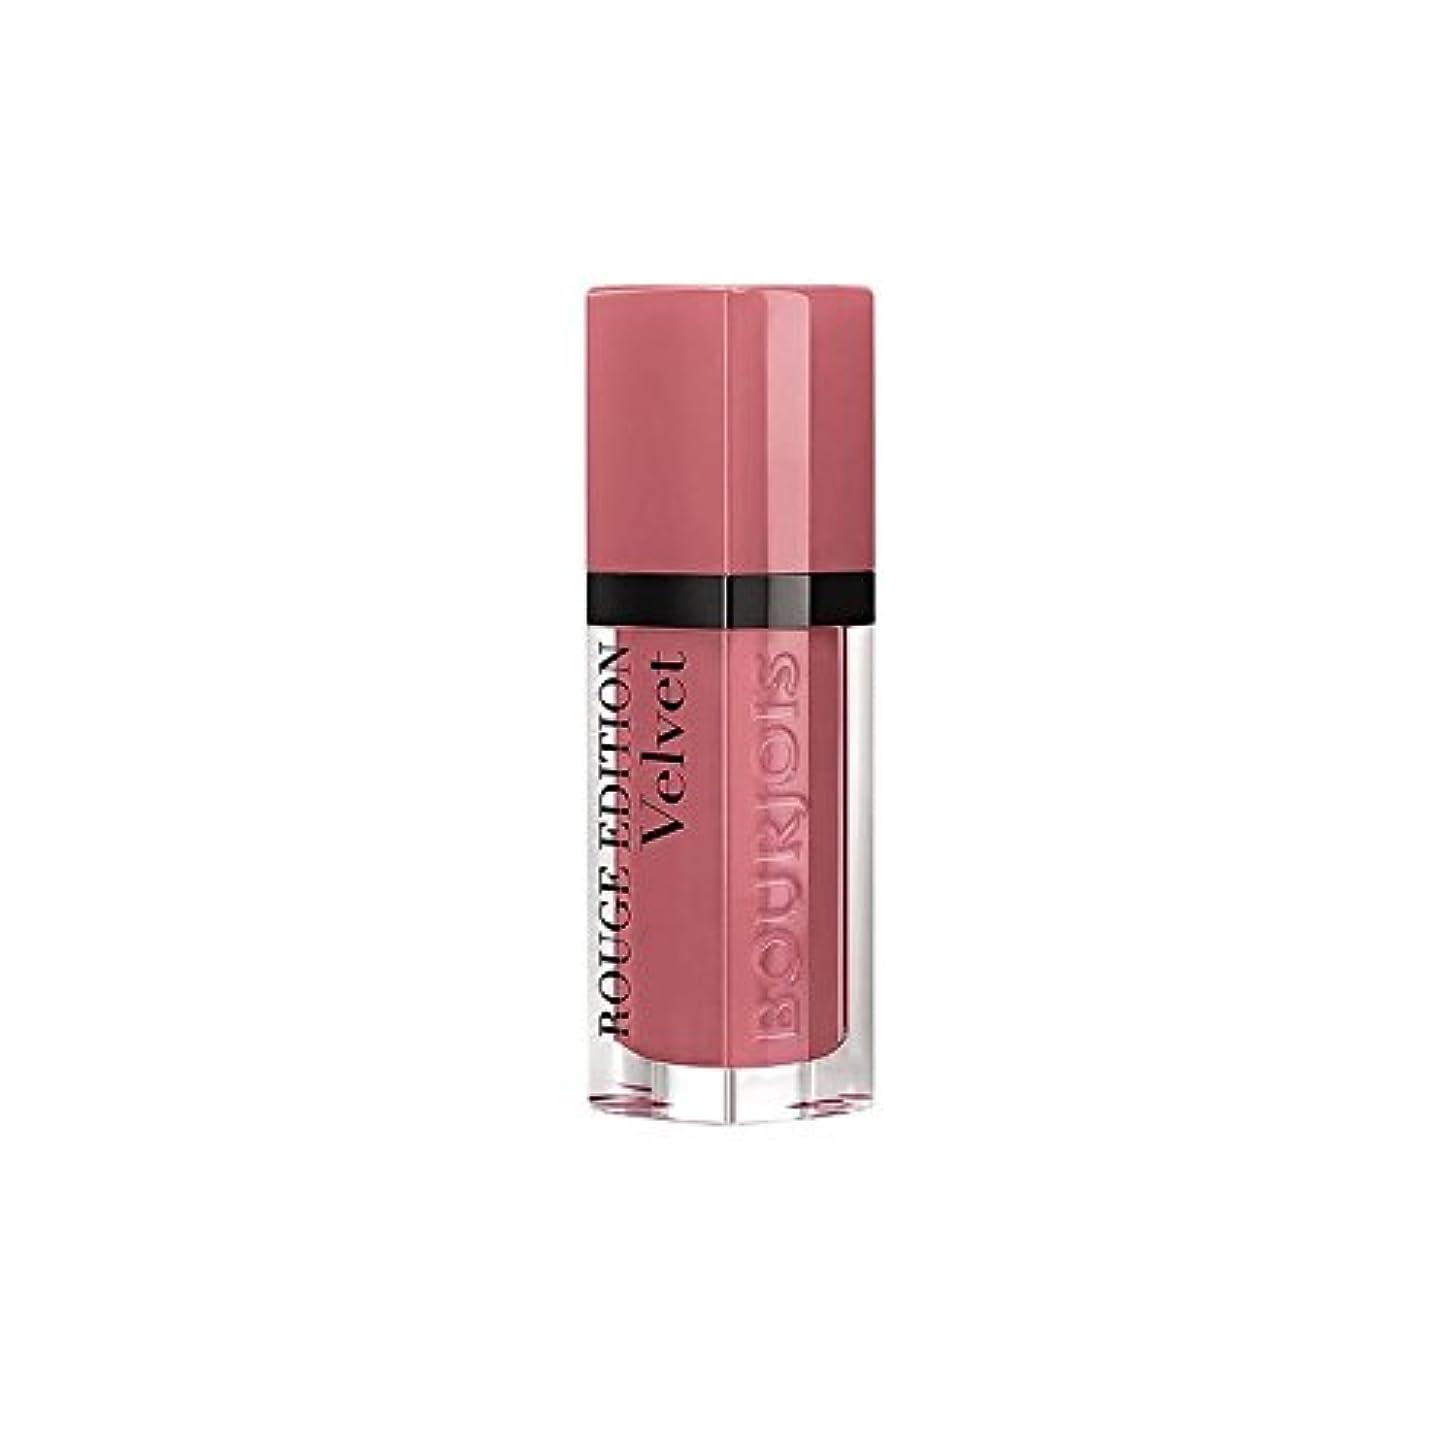 嫉妬試験猟犬ブルジョワルージュ版のベルベットの口紅幸せなヌード年09 x4 - Bourjois Rouge Edition Velvet lipstick Happy Nude Year 09 (Pack of 4) [並行輸入品]